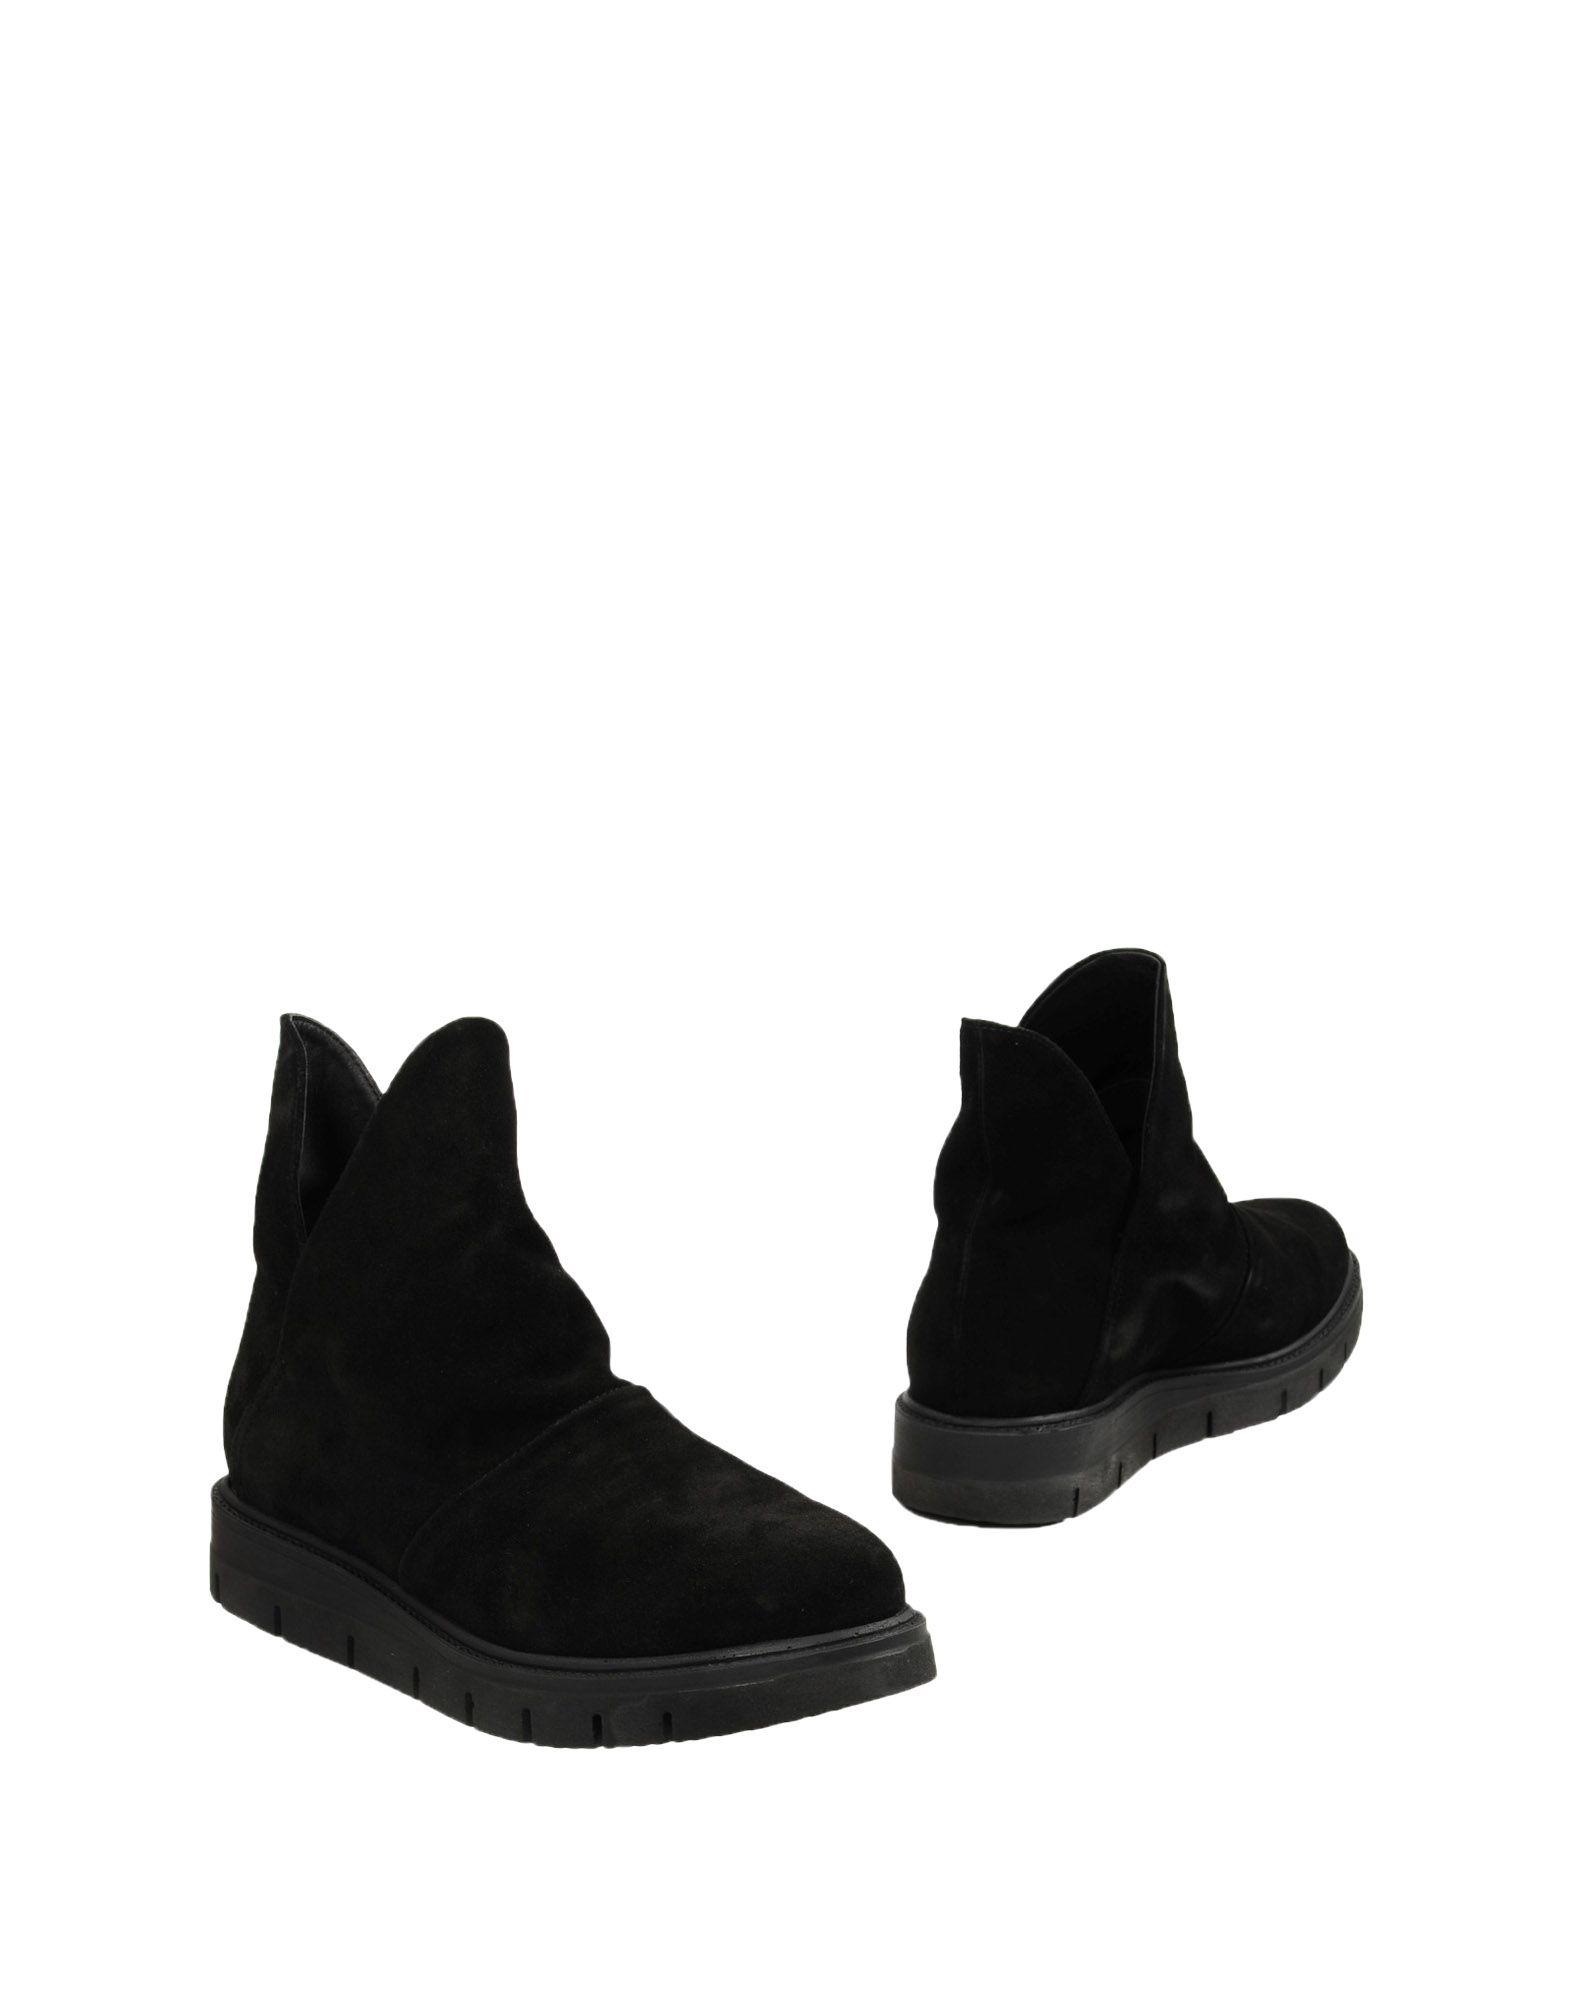 Lemaré Stiefelette Damen  11337473RX Gute Qualität beliebte Schuhe